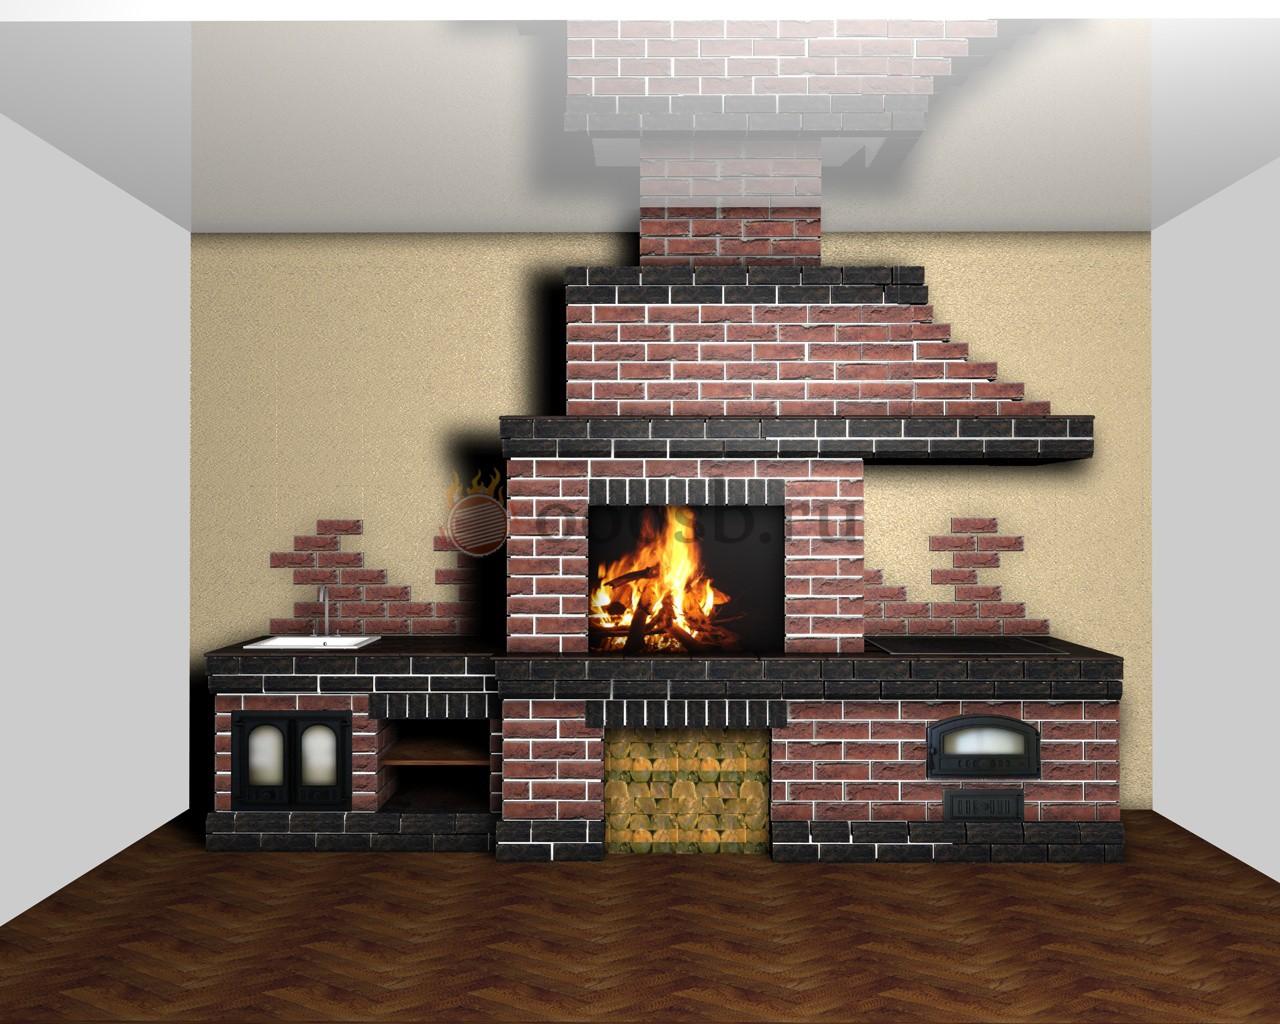 Лучшие барбекю печи для дачи и дома: многофункциональные модели с натуральной отделкой